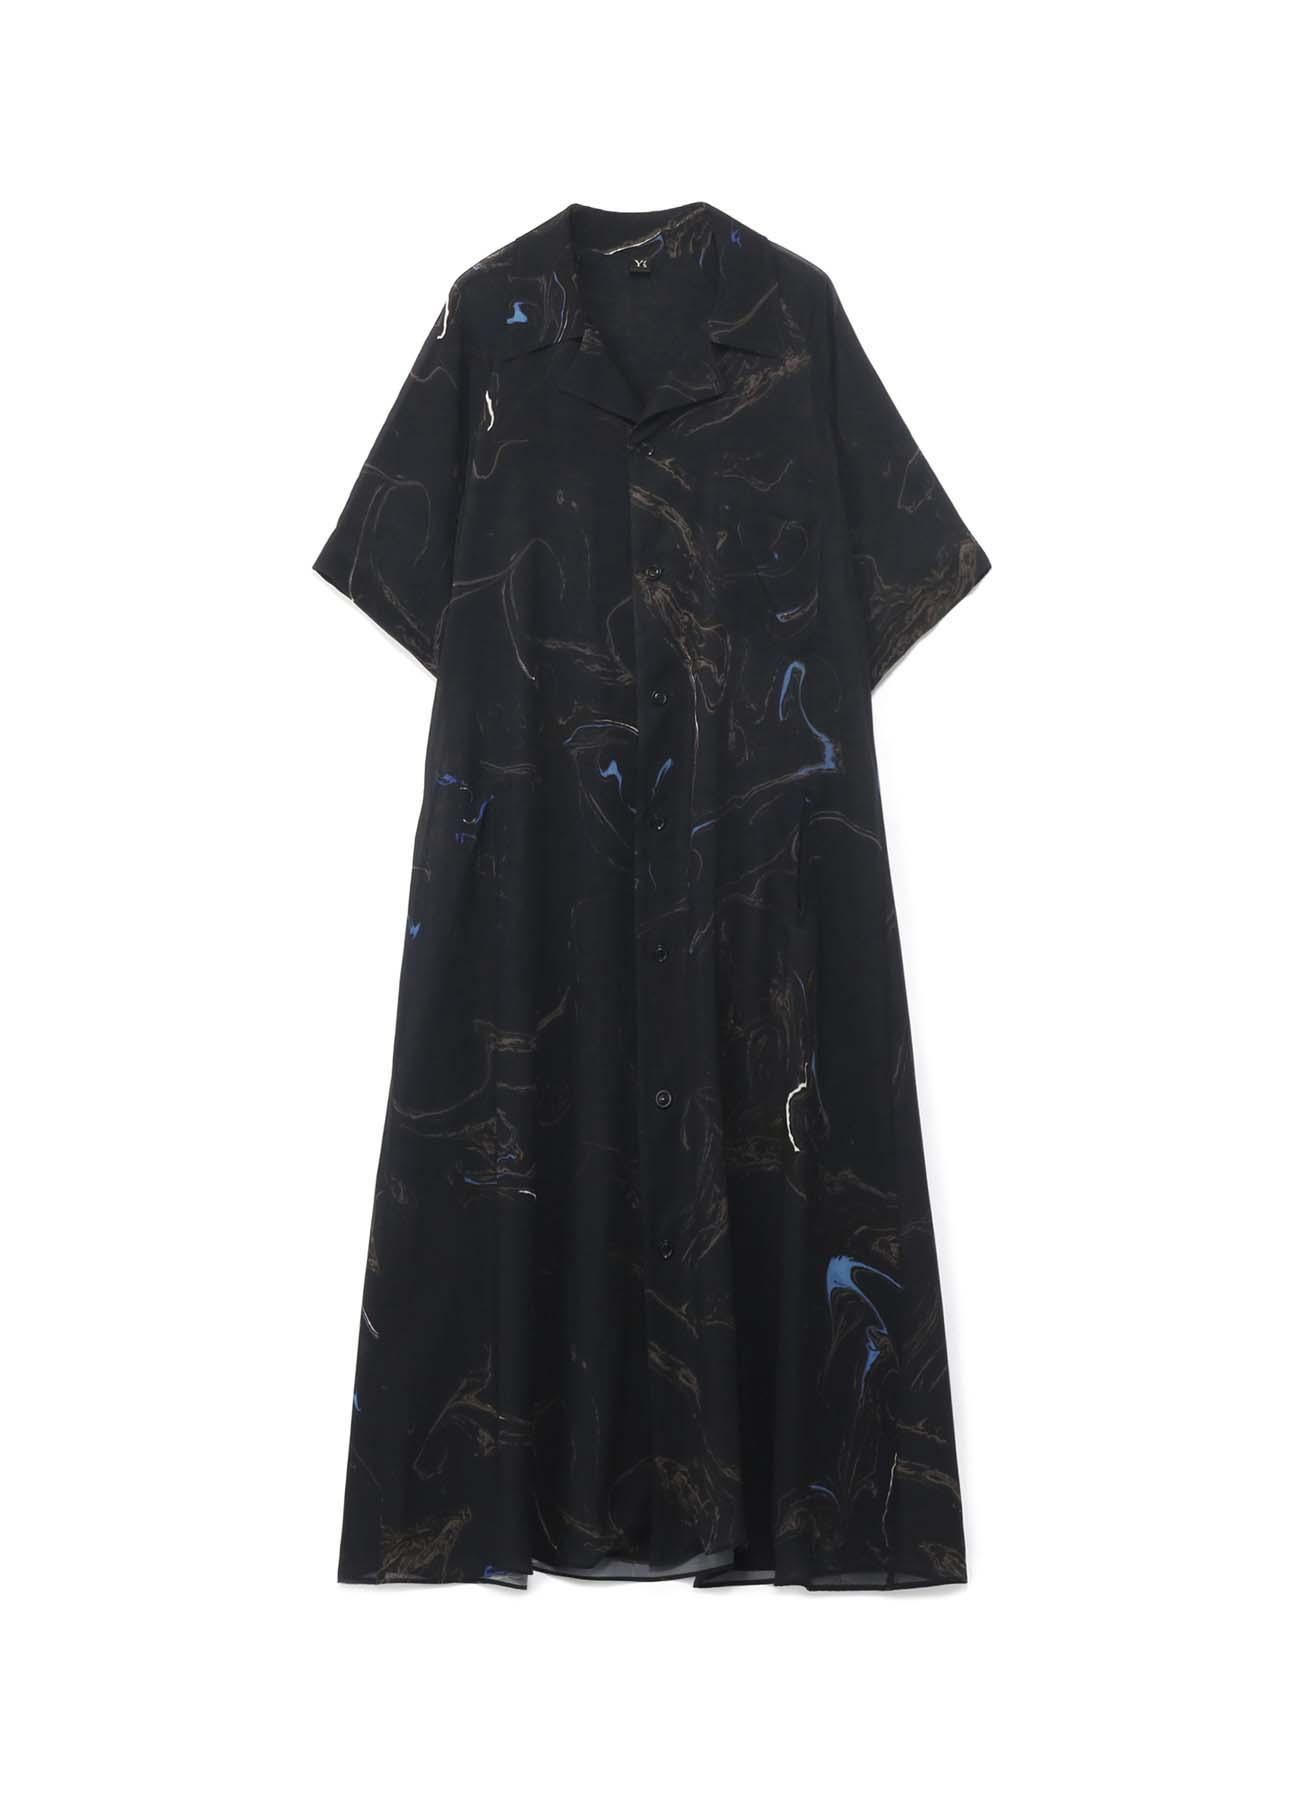 キュプラテンセルボイルマーブル柄プリント Aラインシャツドレス